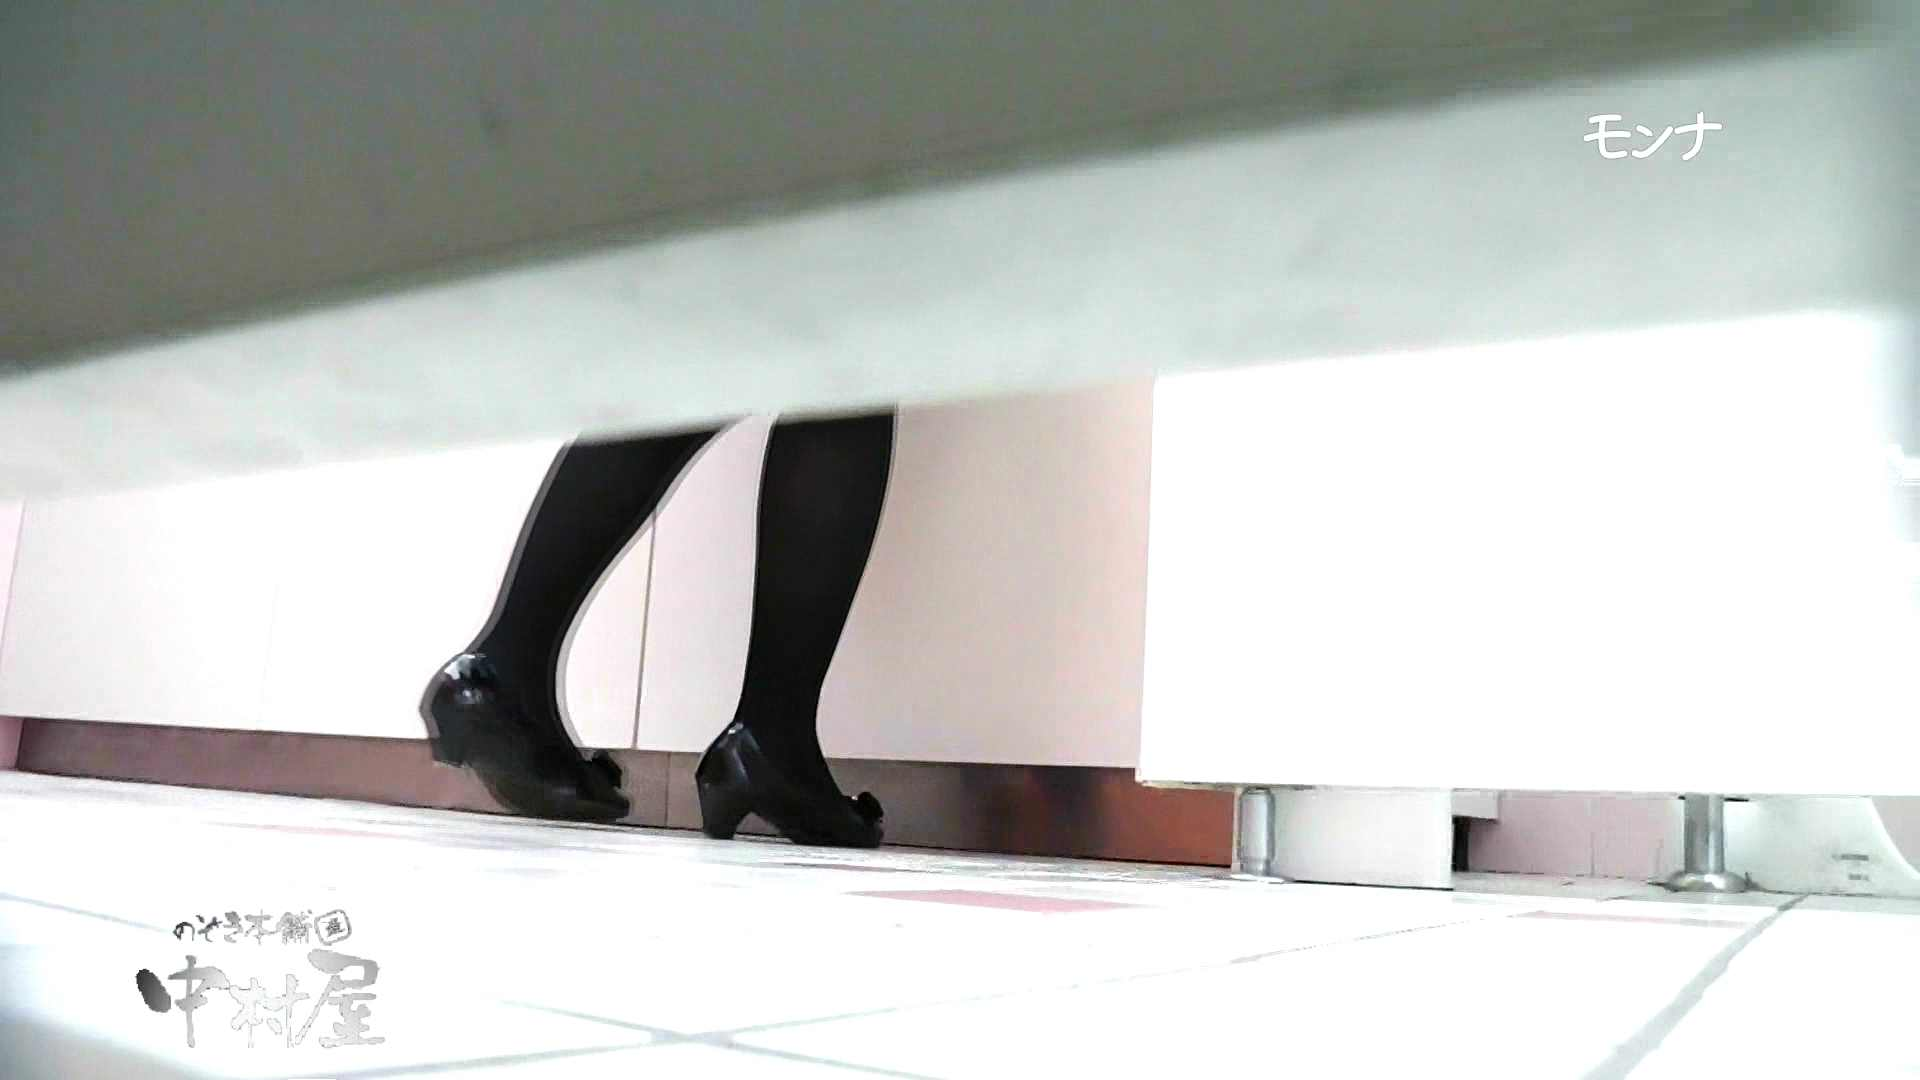 【美しい日本の未来】遂に!!戸田恵梨香似の予告モデル登場ダッシュで「大」後編 おまんこ無修正  59画像 36